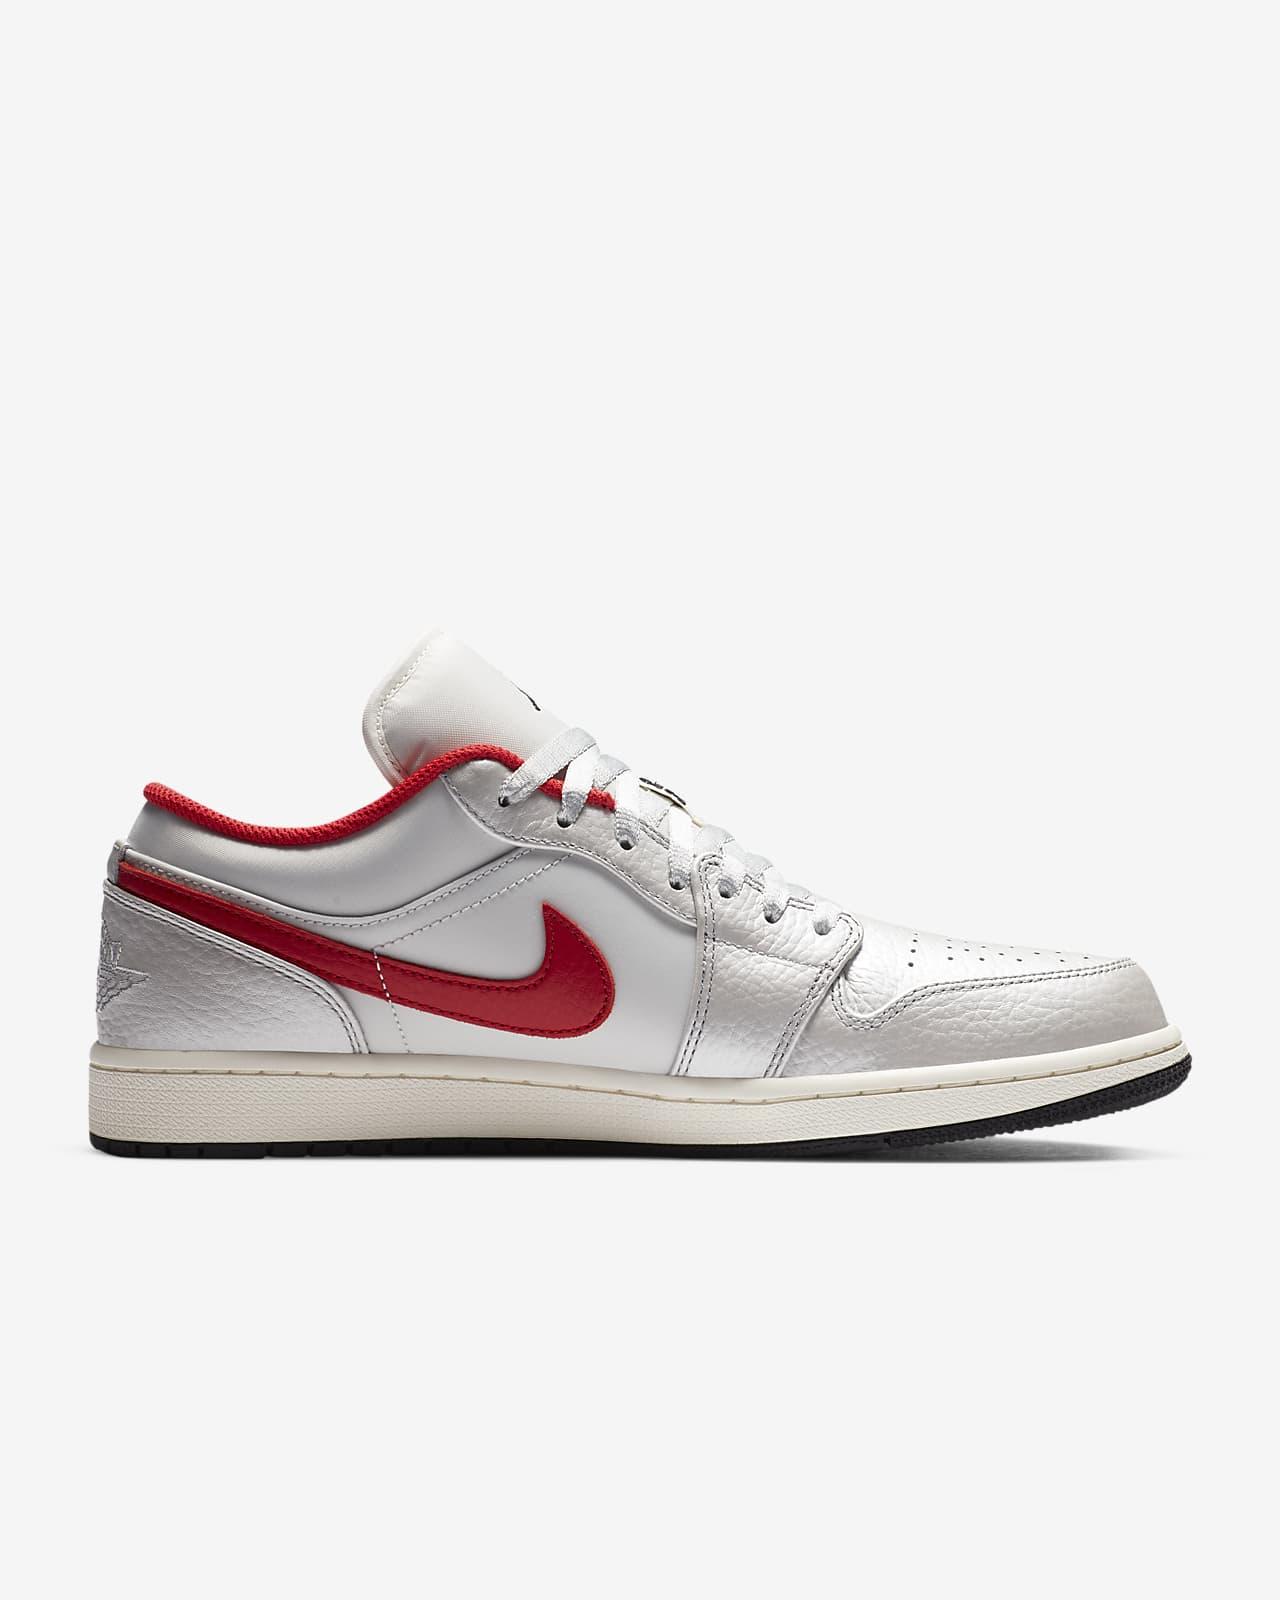 chaussures air jordan 1 rouge nike homme